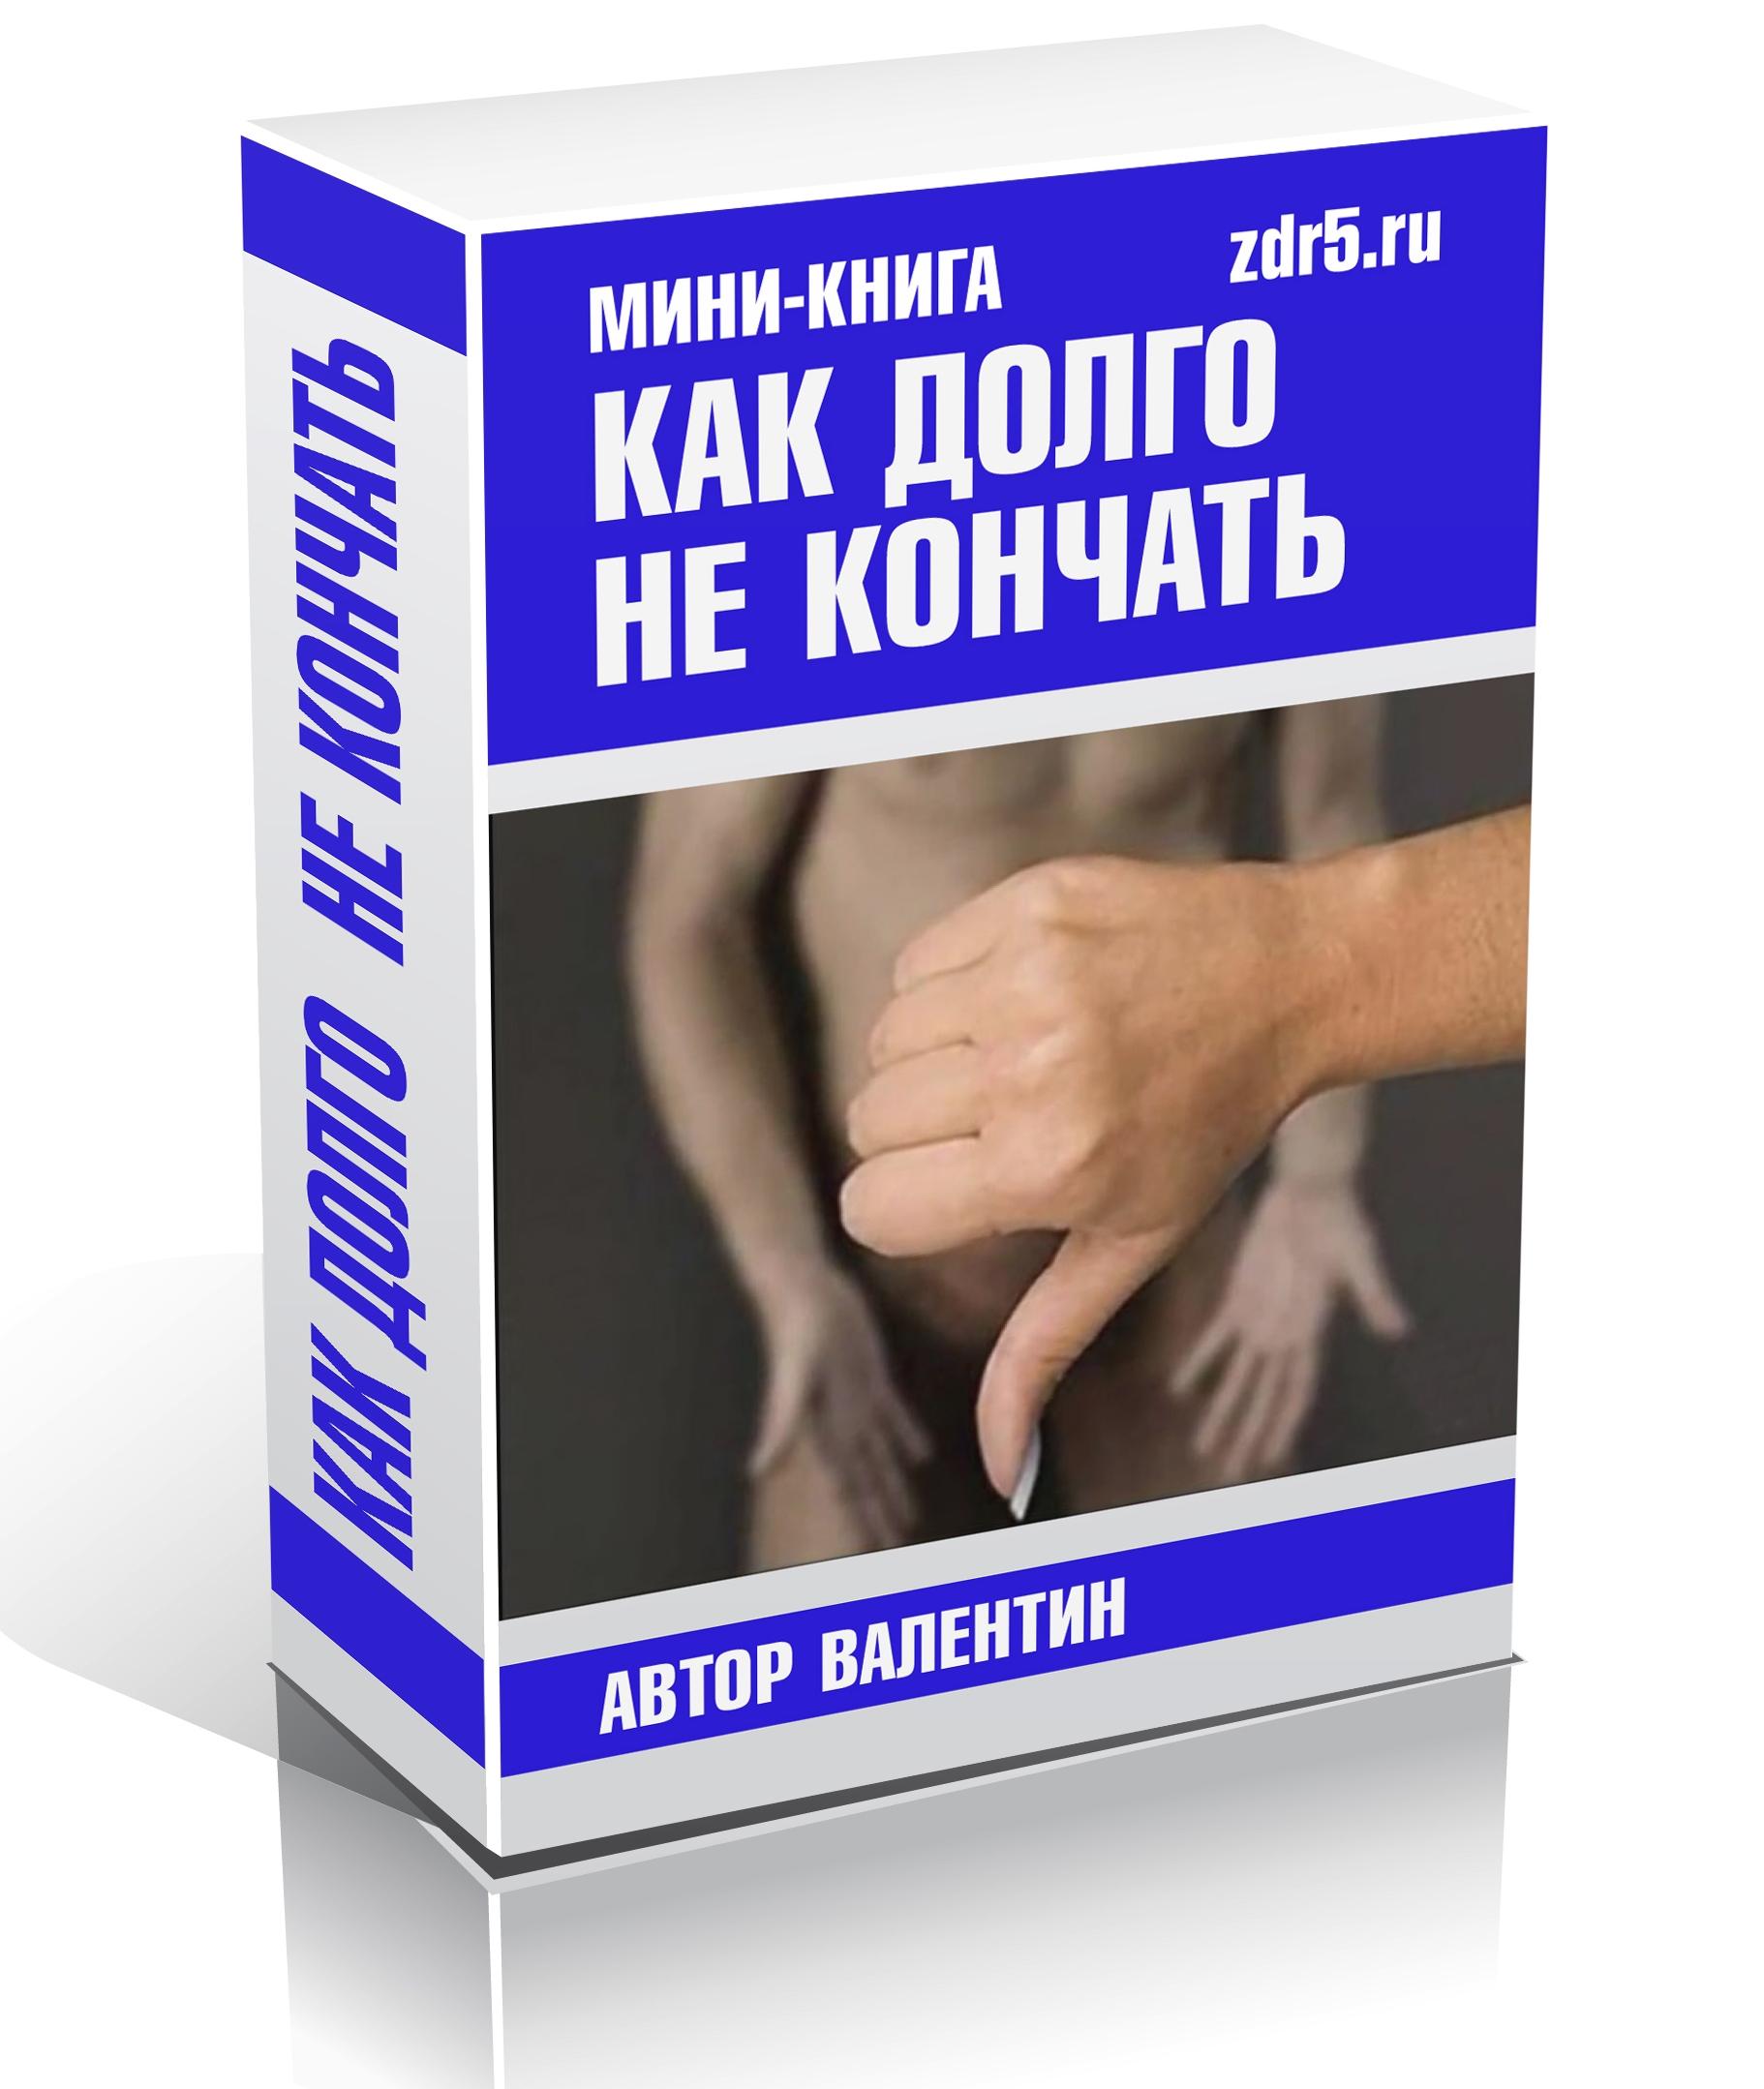 chto-nuzhno-sdelat-chtobi-devushka-bistro-konchila